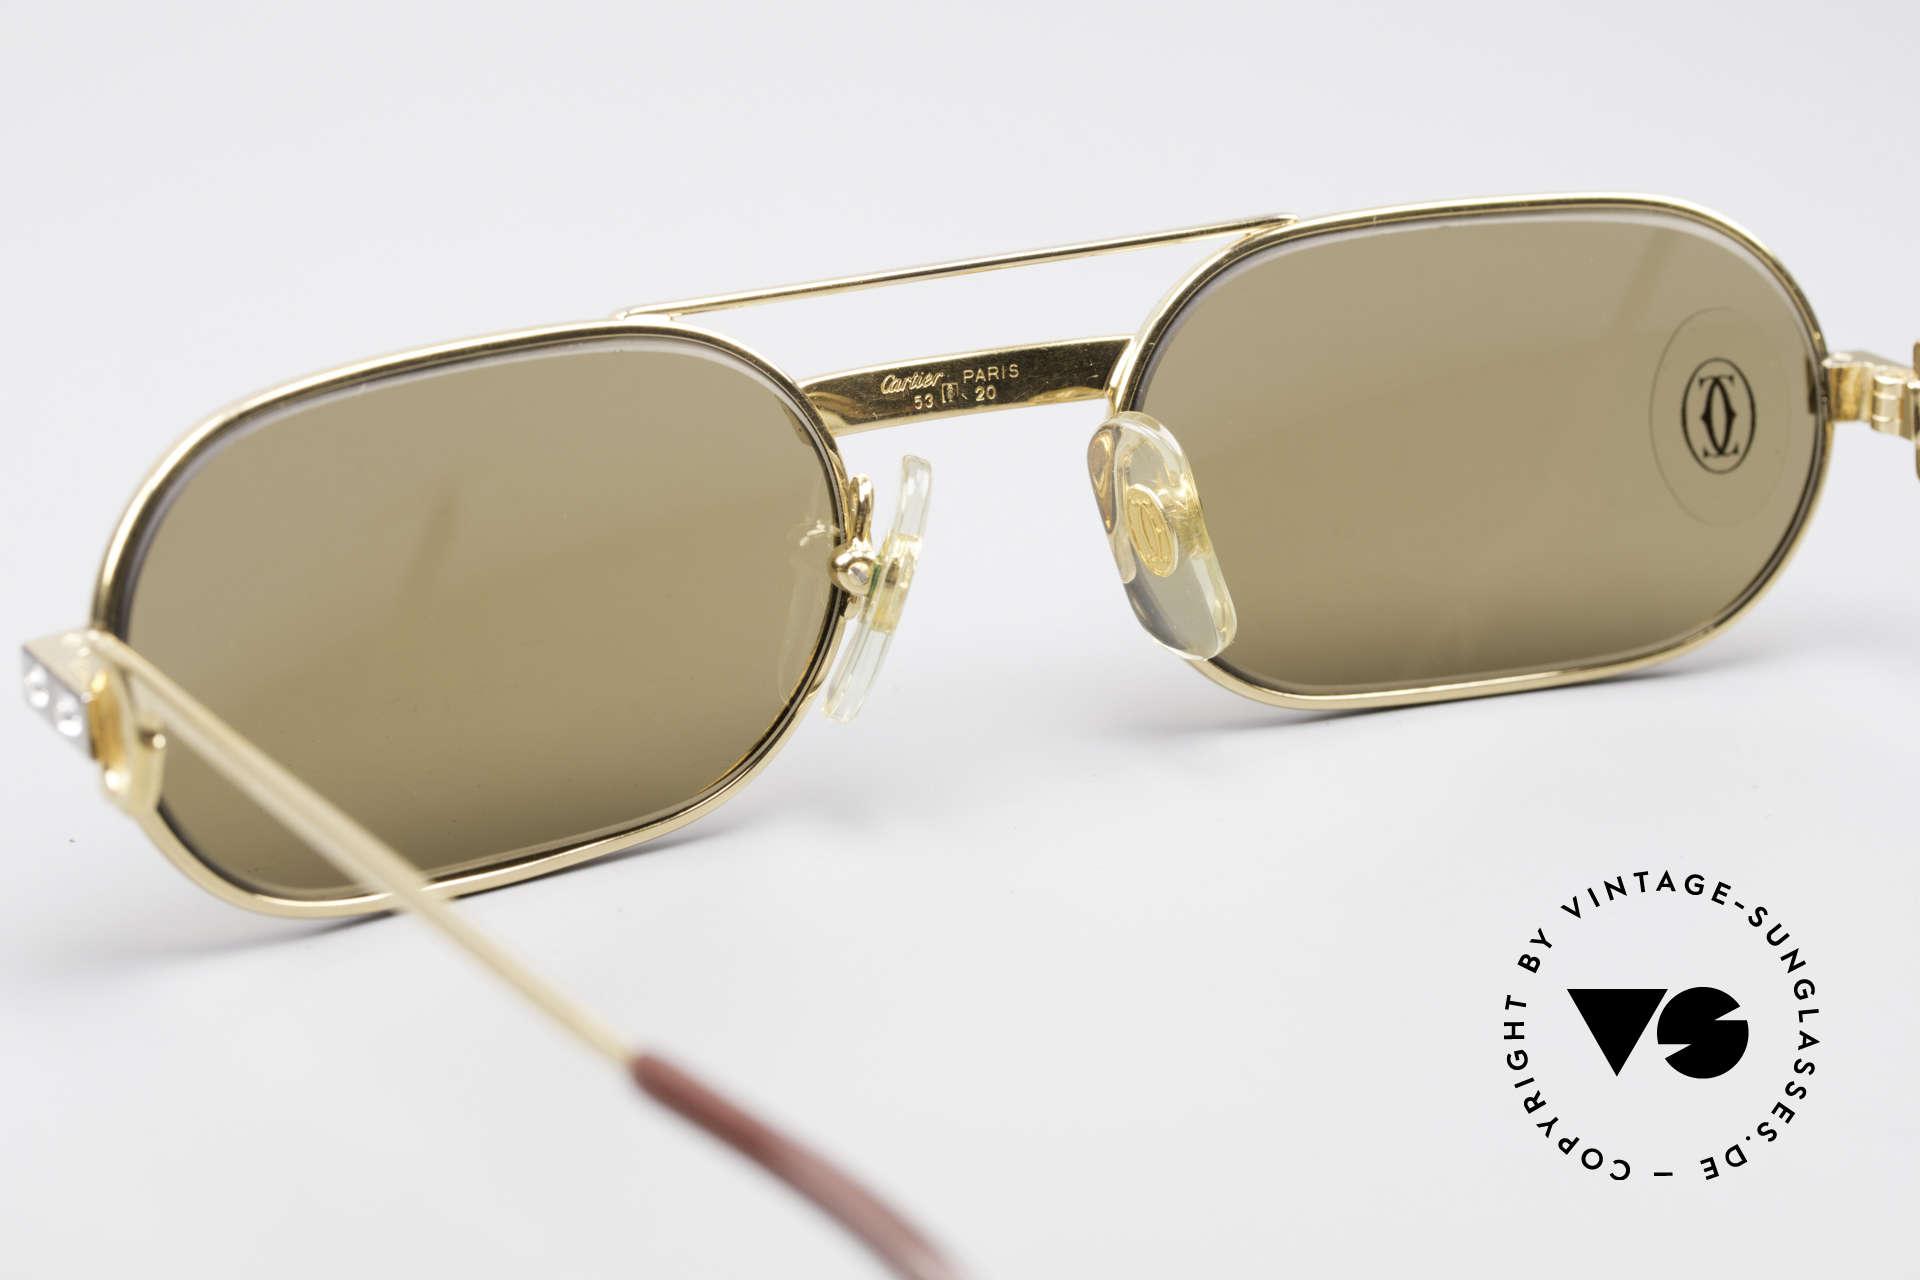 Cartier Must Santos - S Customized Crystal Edition, KEINE RETRObrille; ein 35 Jahre altes vintage ORIGINAL, Passend für Herren und Damen